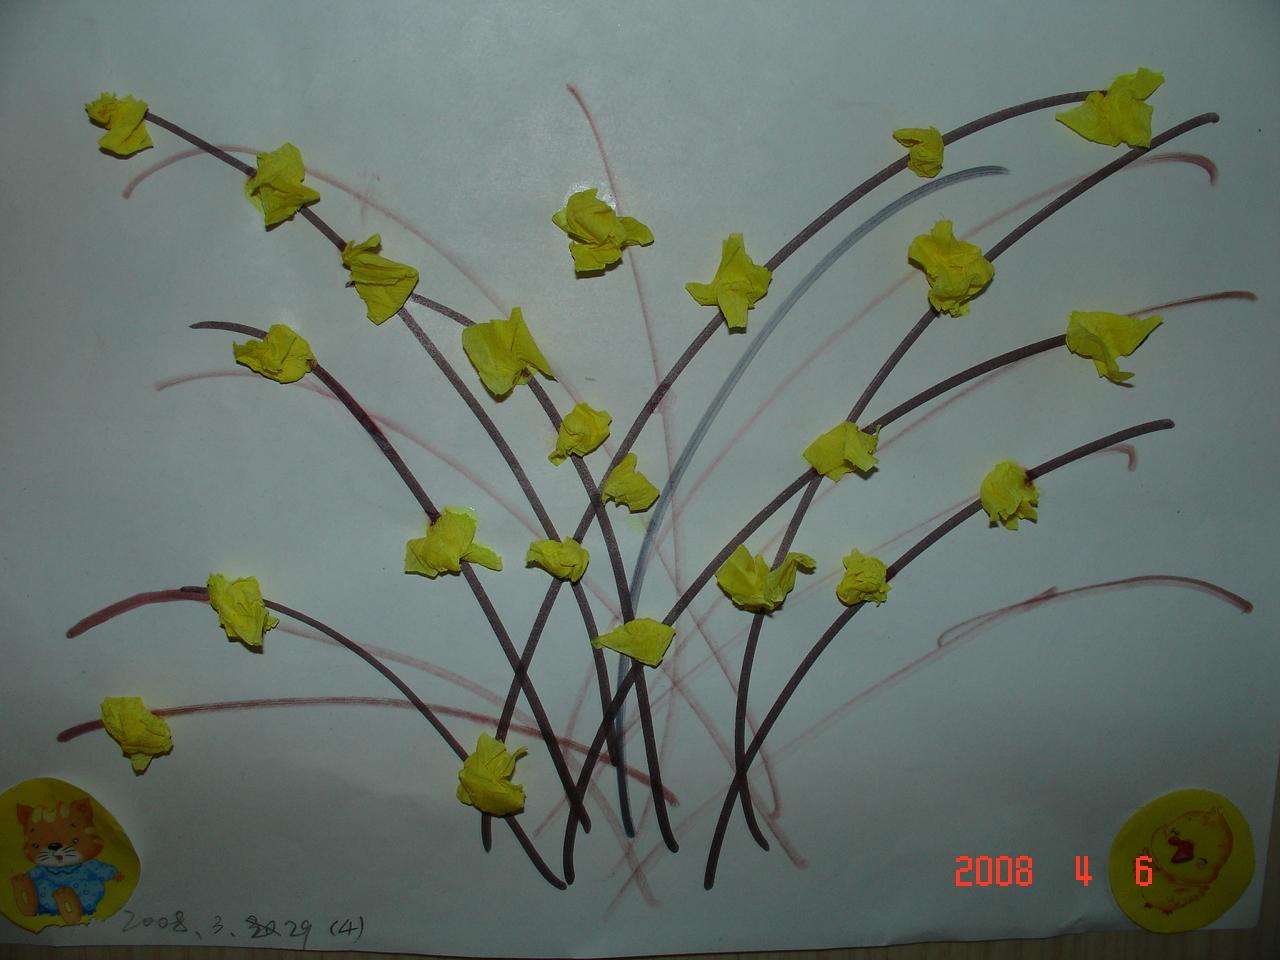 宝宝贴画作品之二--迎春花开宝宝贴画作品之三--垂柳  发布于2008年03